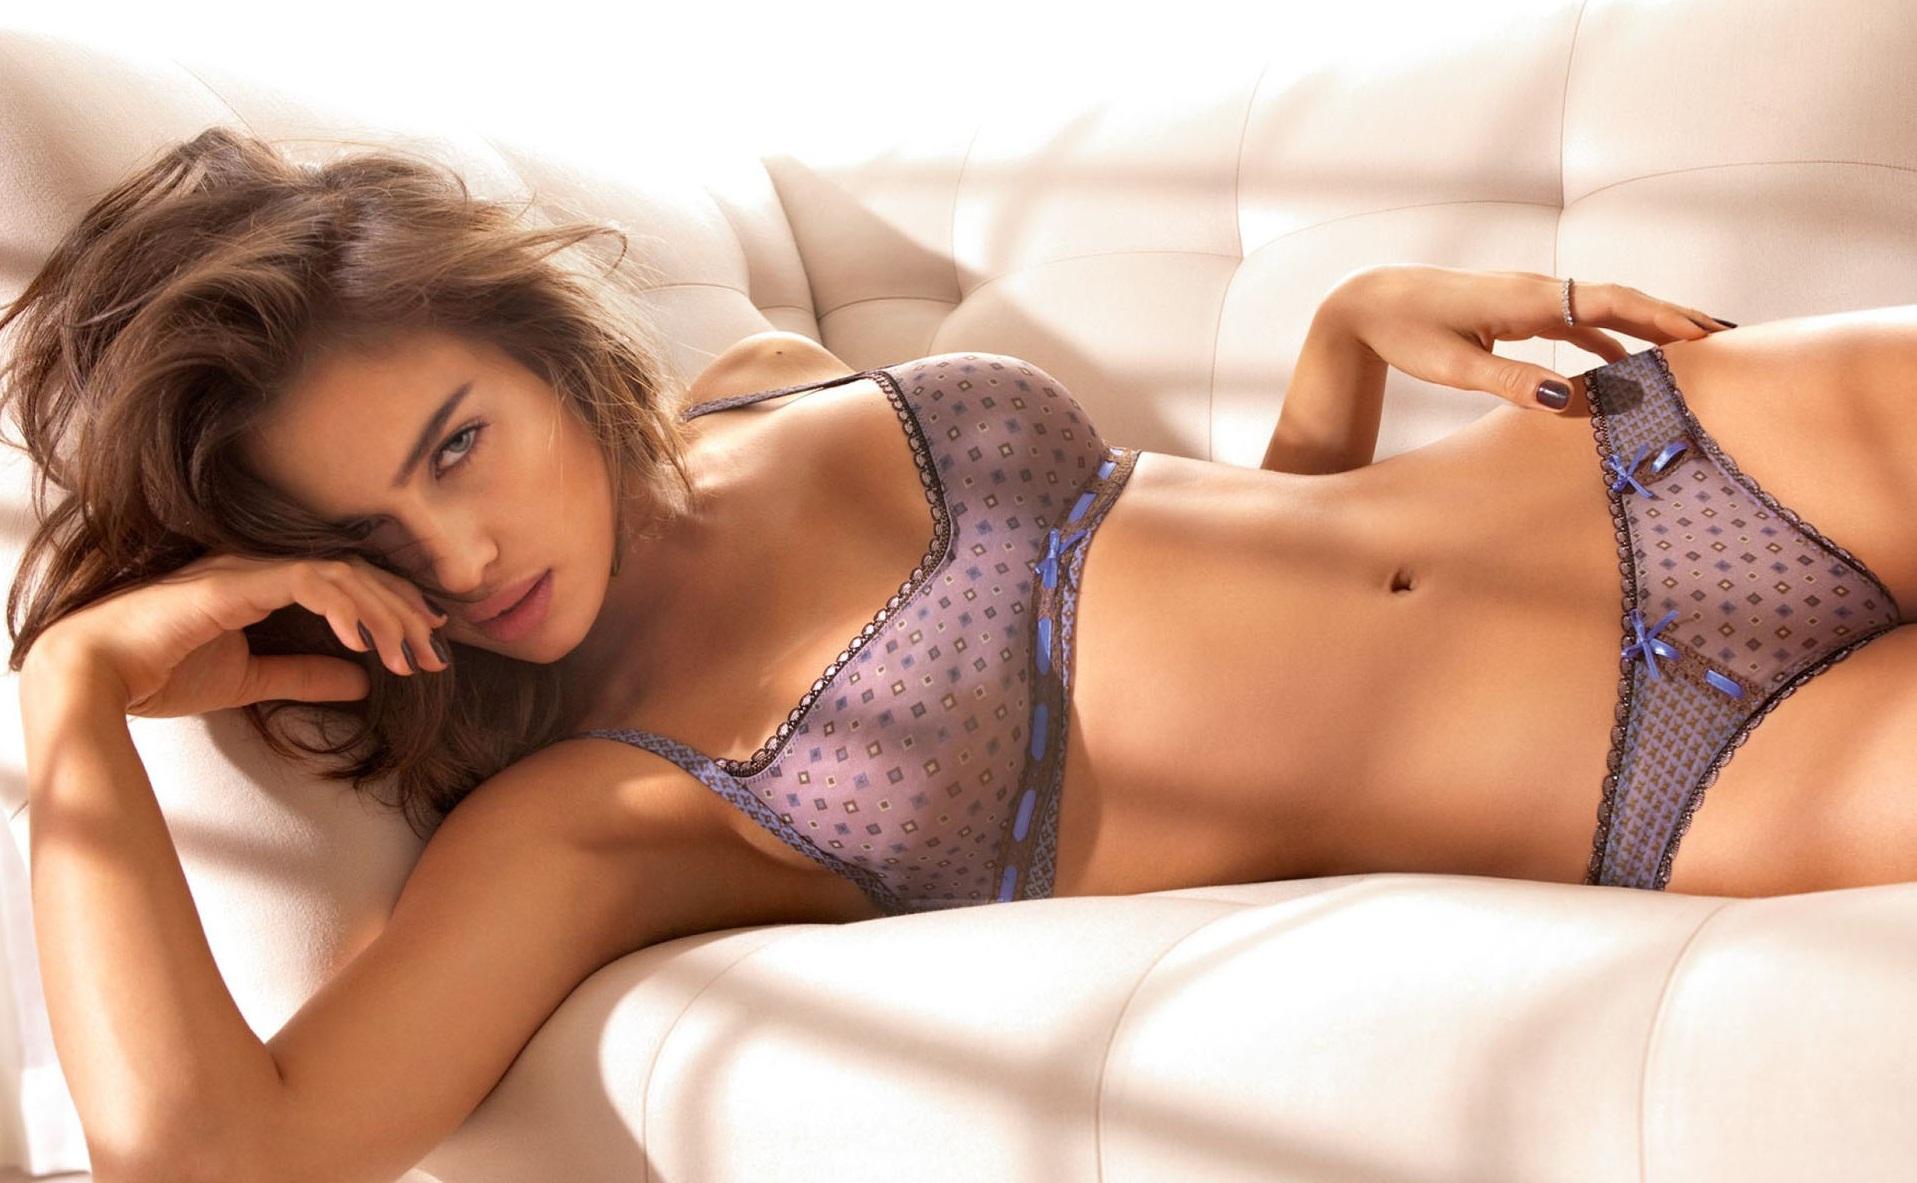 Смотреть онлайн видео очень красивые девушки